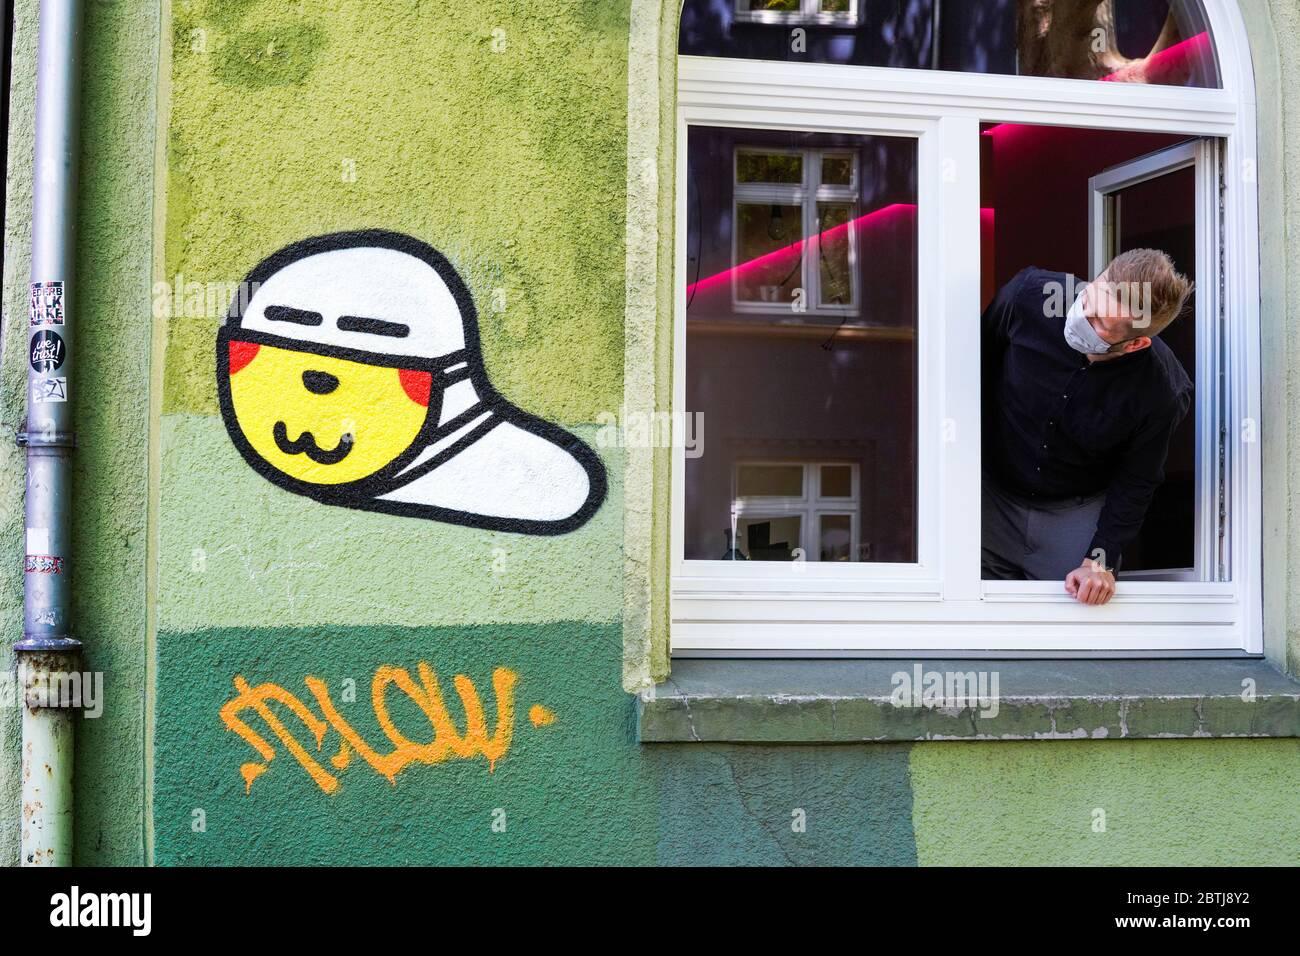 Dortmund, Alemania, 26 de mayo de 2020: Gusanos de máscara. Desde el estallido de la crisis de la corona en marzo de 2020, el pequeño graffiti del virus de la corona con una máscara de la boca creada por un rociador desconocido se puede ver en muchas paredes de la casa en Dortmund. --- Dortmund, 26.05.2020: Maskenwürmchen. Seit Ausbruch der Corona-Kise im März 2020 sund kleine Coronaviren-Graffitis mit Mundschutz eines unbekannten Sprayers an vielen Hauswänden in Dortmund zu sehen. Foto de stock